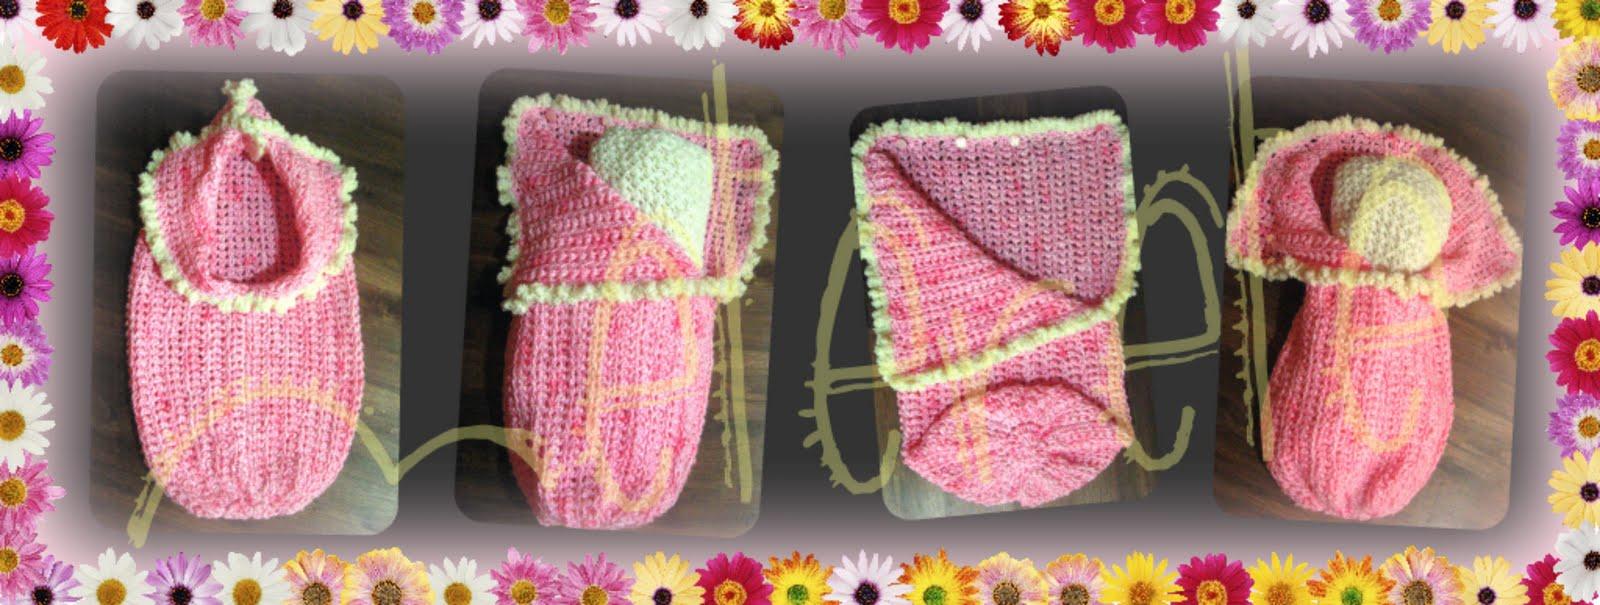 De meterete: Capullito en rosa con guarda crespo